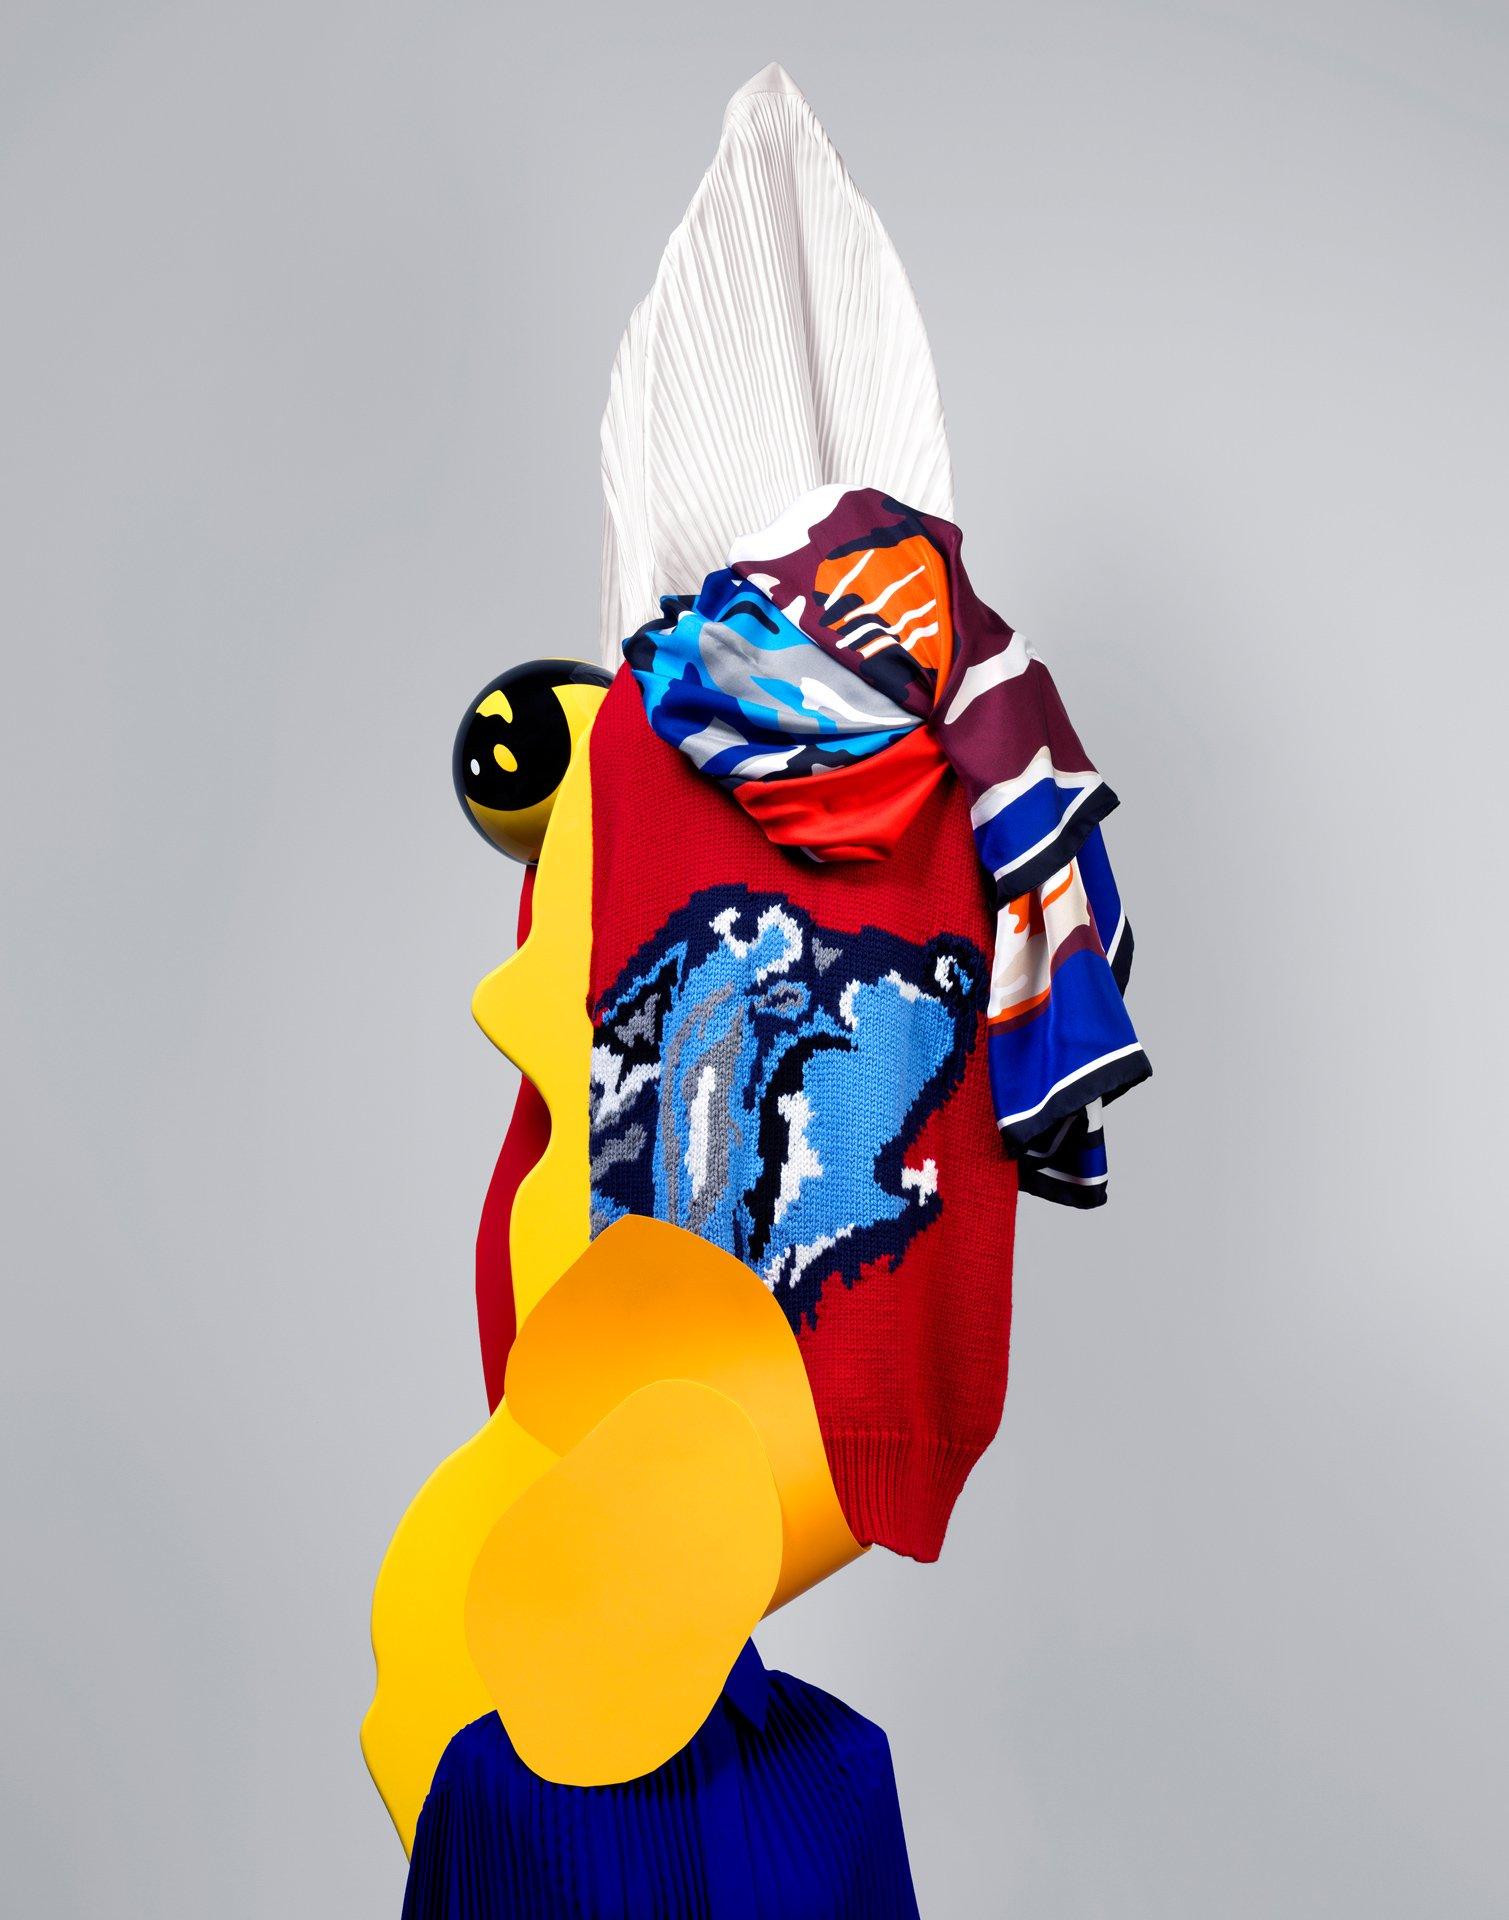 fotografia di scultura con tessuti colorati